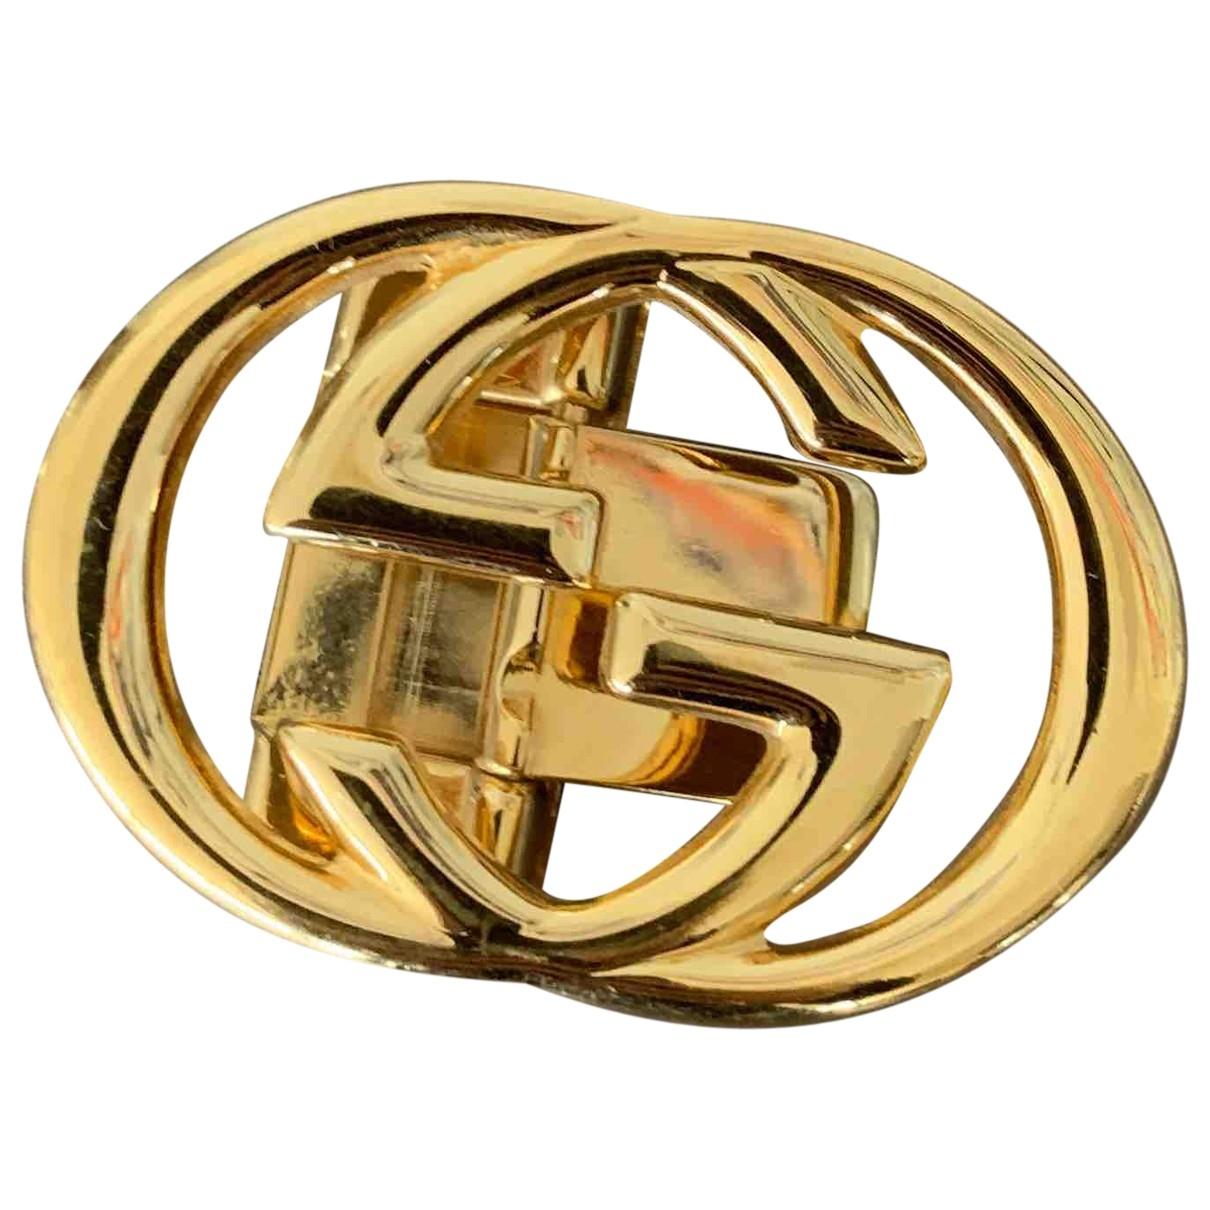 Gucci GG Buckle Gold Metal belt for Women XXS International